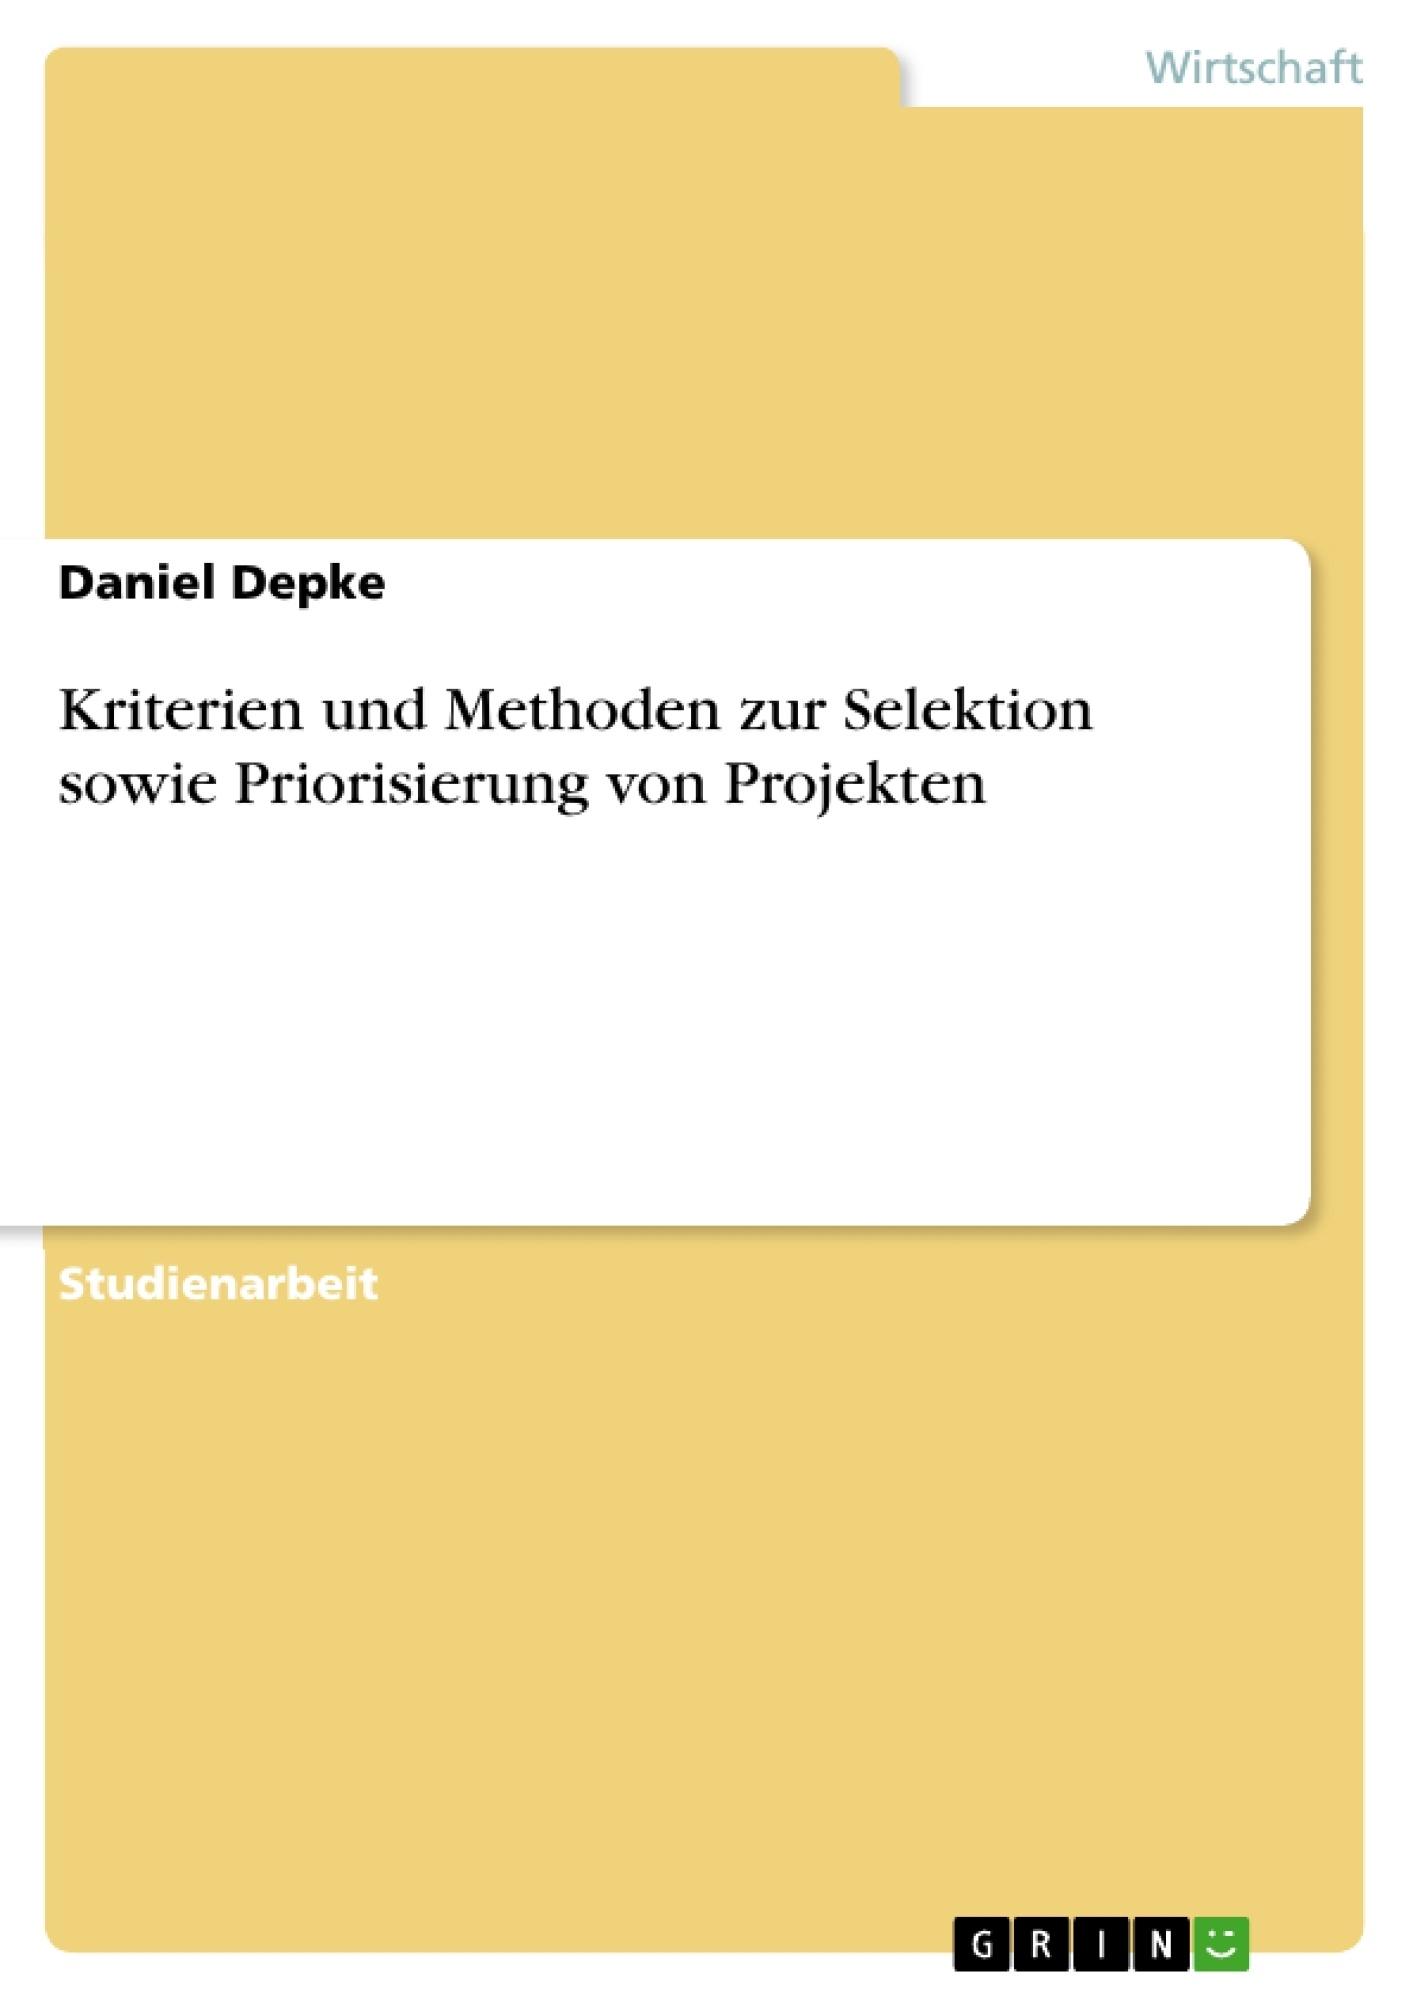 Titel: Kriterien und Methoden zur Selektion sowie Priorisierung von Projekten